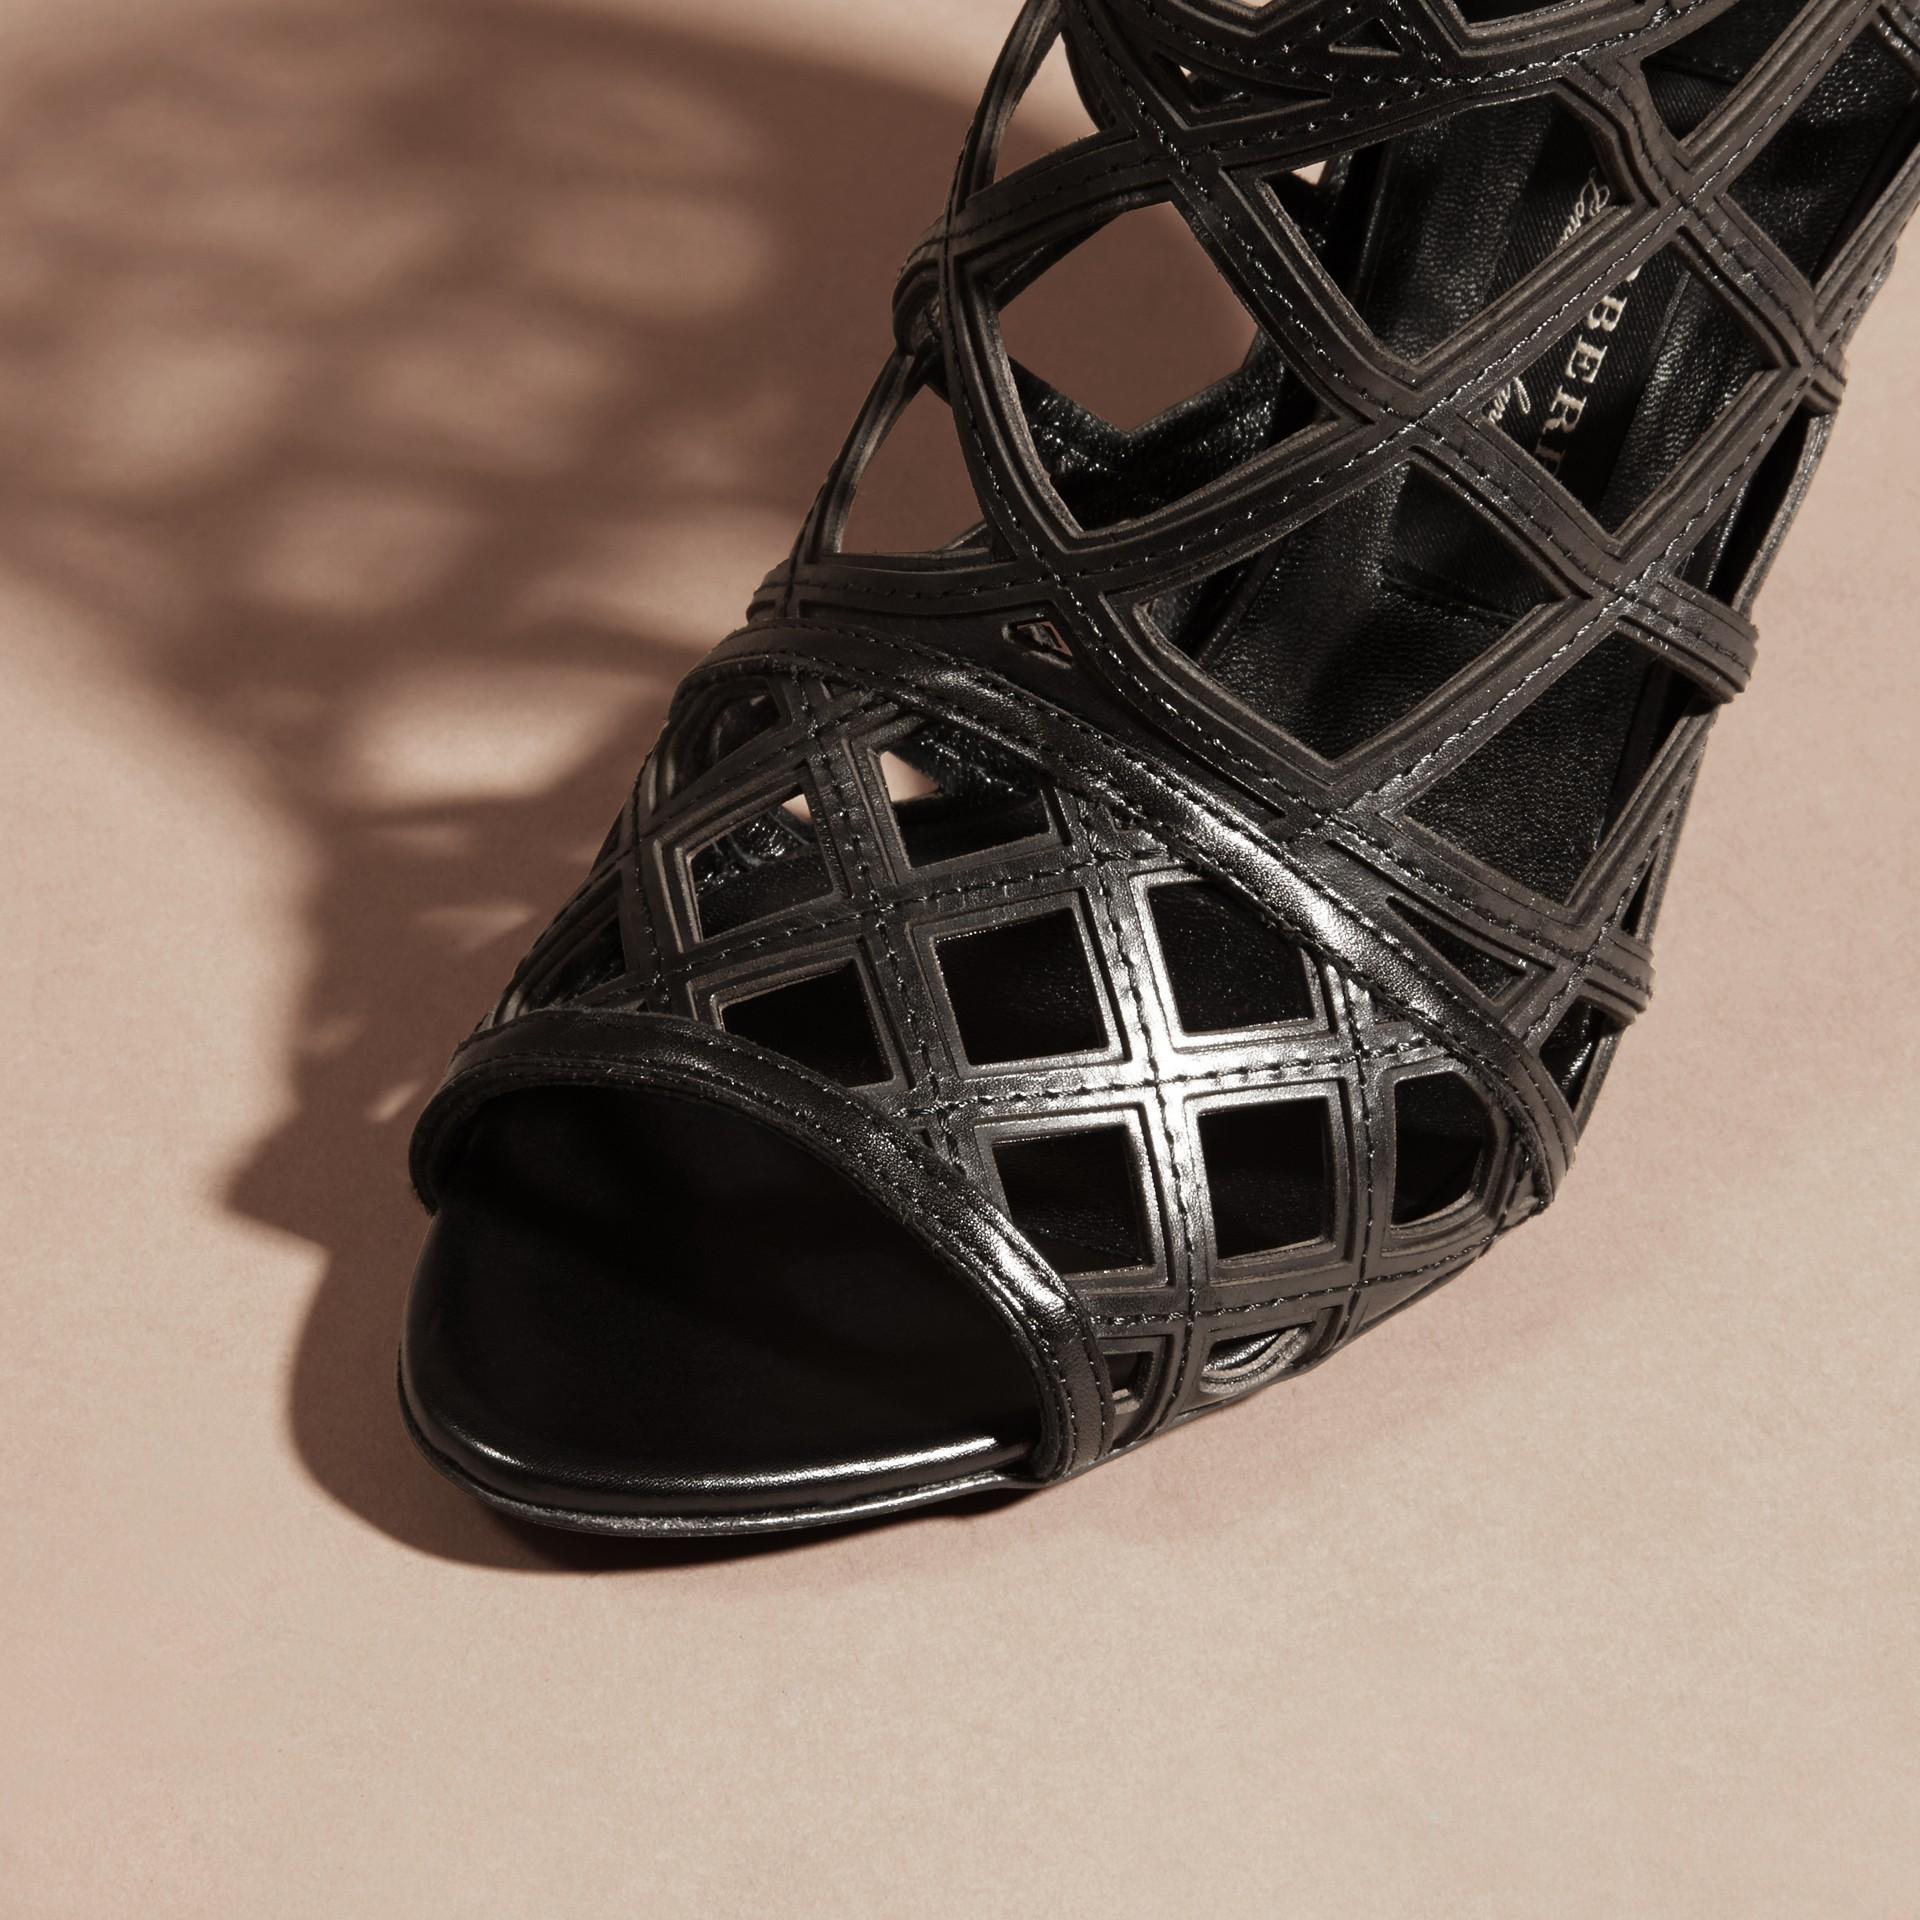 Schwarz Stiefeletten aus Leder mit Aussparungsdetail Schwarz - Galerie-Bild 2